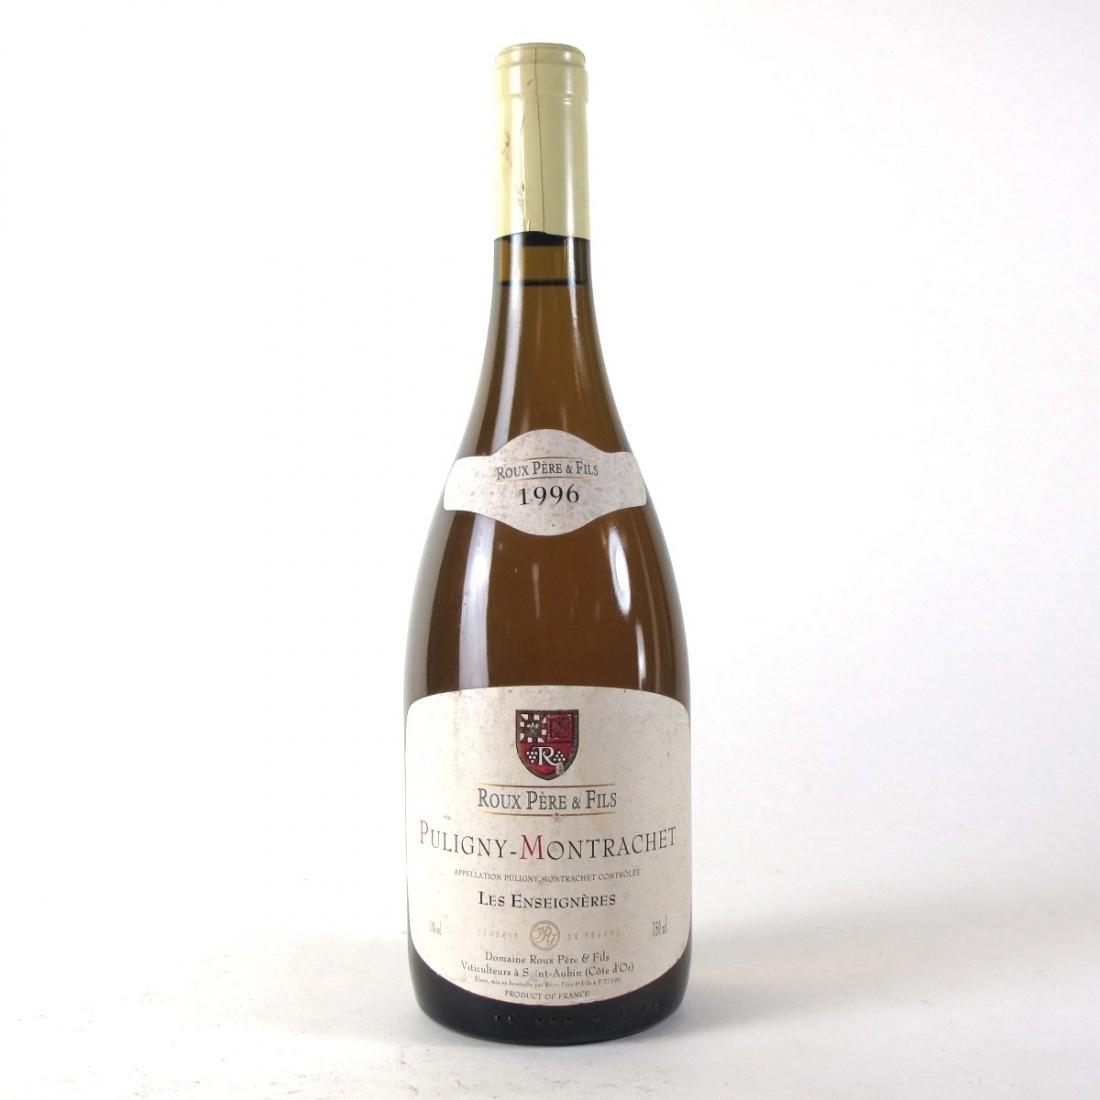 Roux Pere & Fils 1996 Puligny-Montrachet